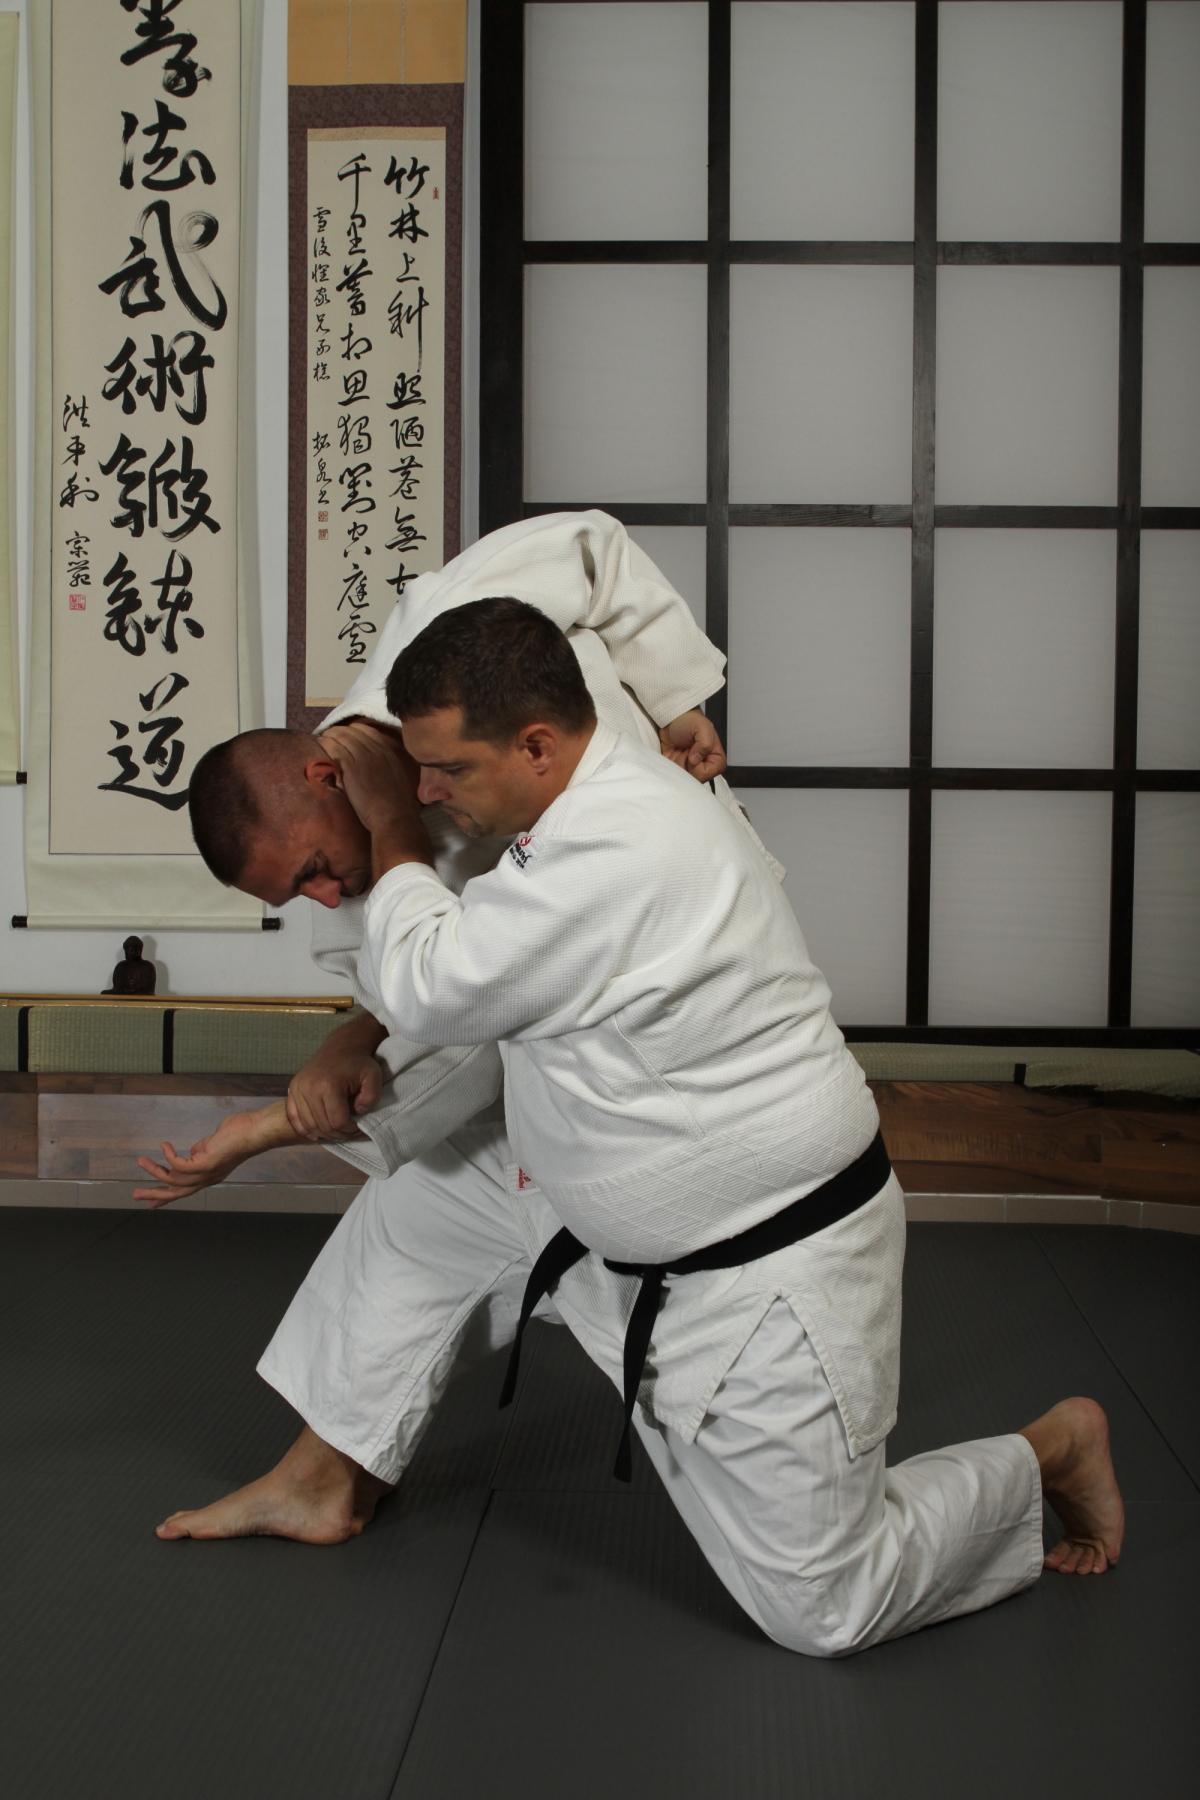 Shiho Nage Kuzushi